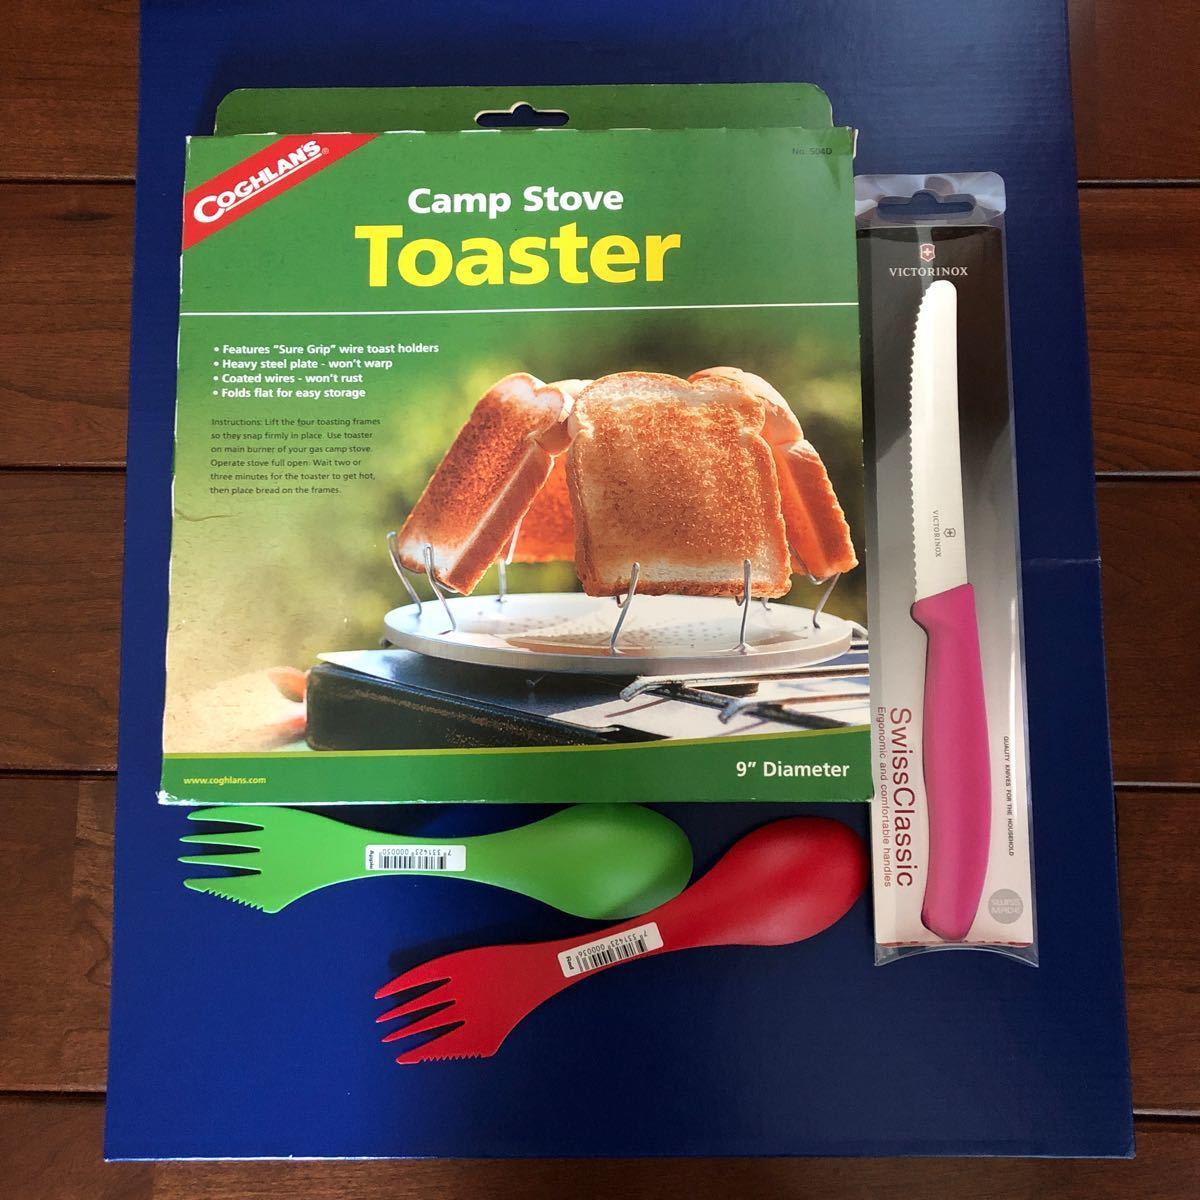 フォールディング トースター新品とビクトリノックスのナイフ新品とLIGHT MY FIREの携帯用ウォークスプーンペア新品